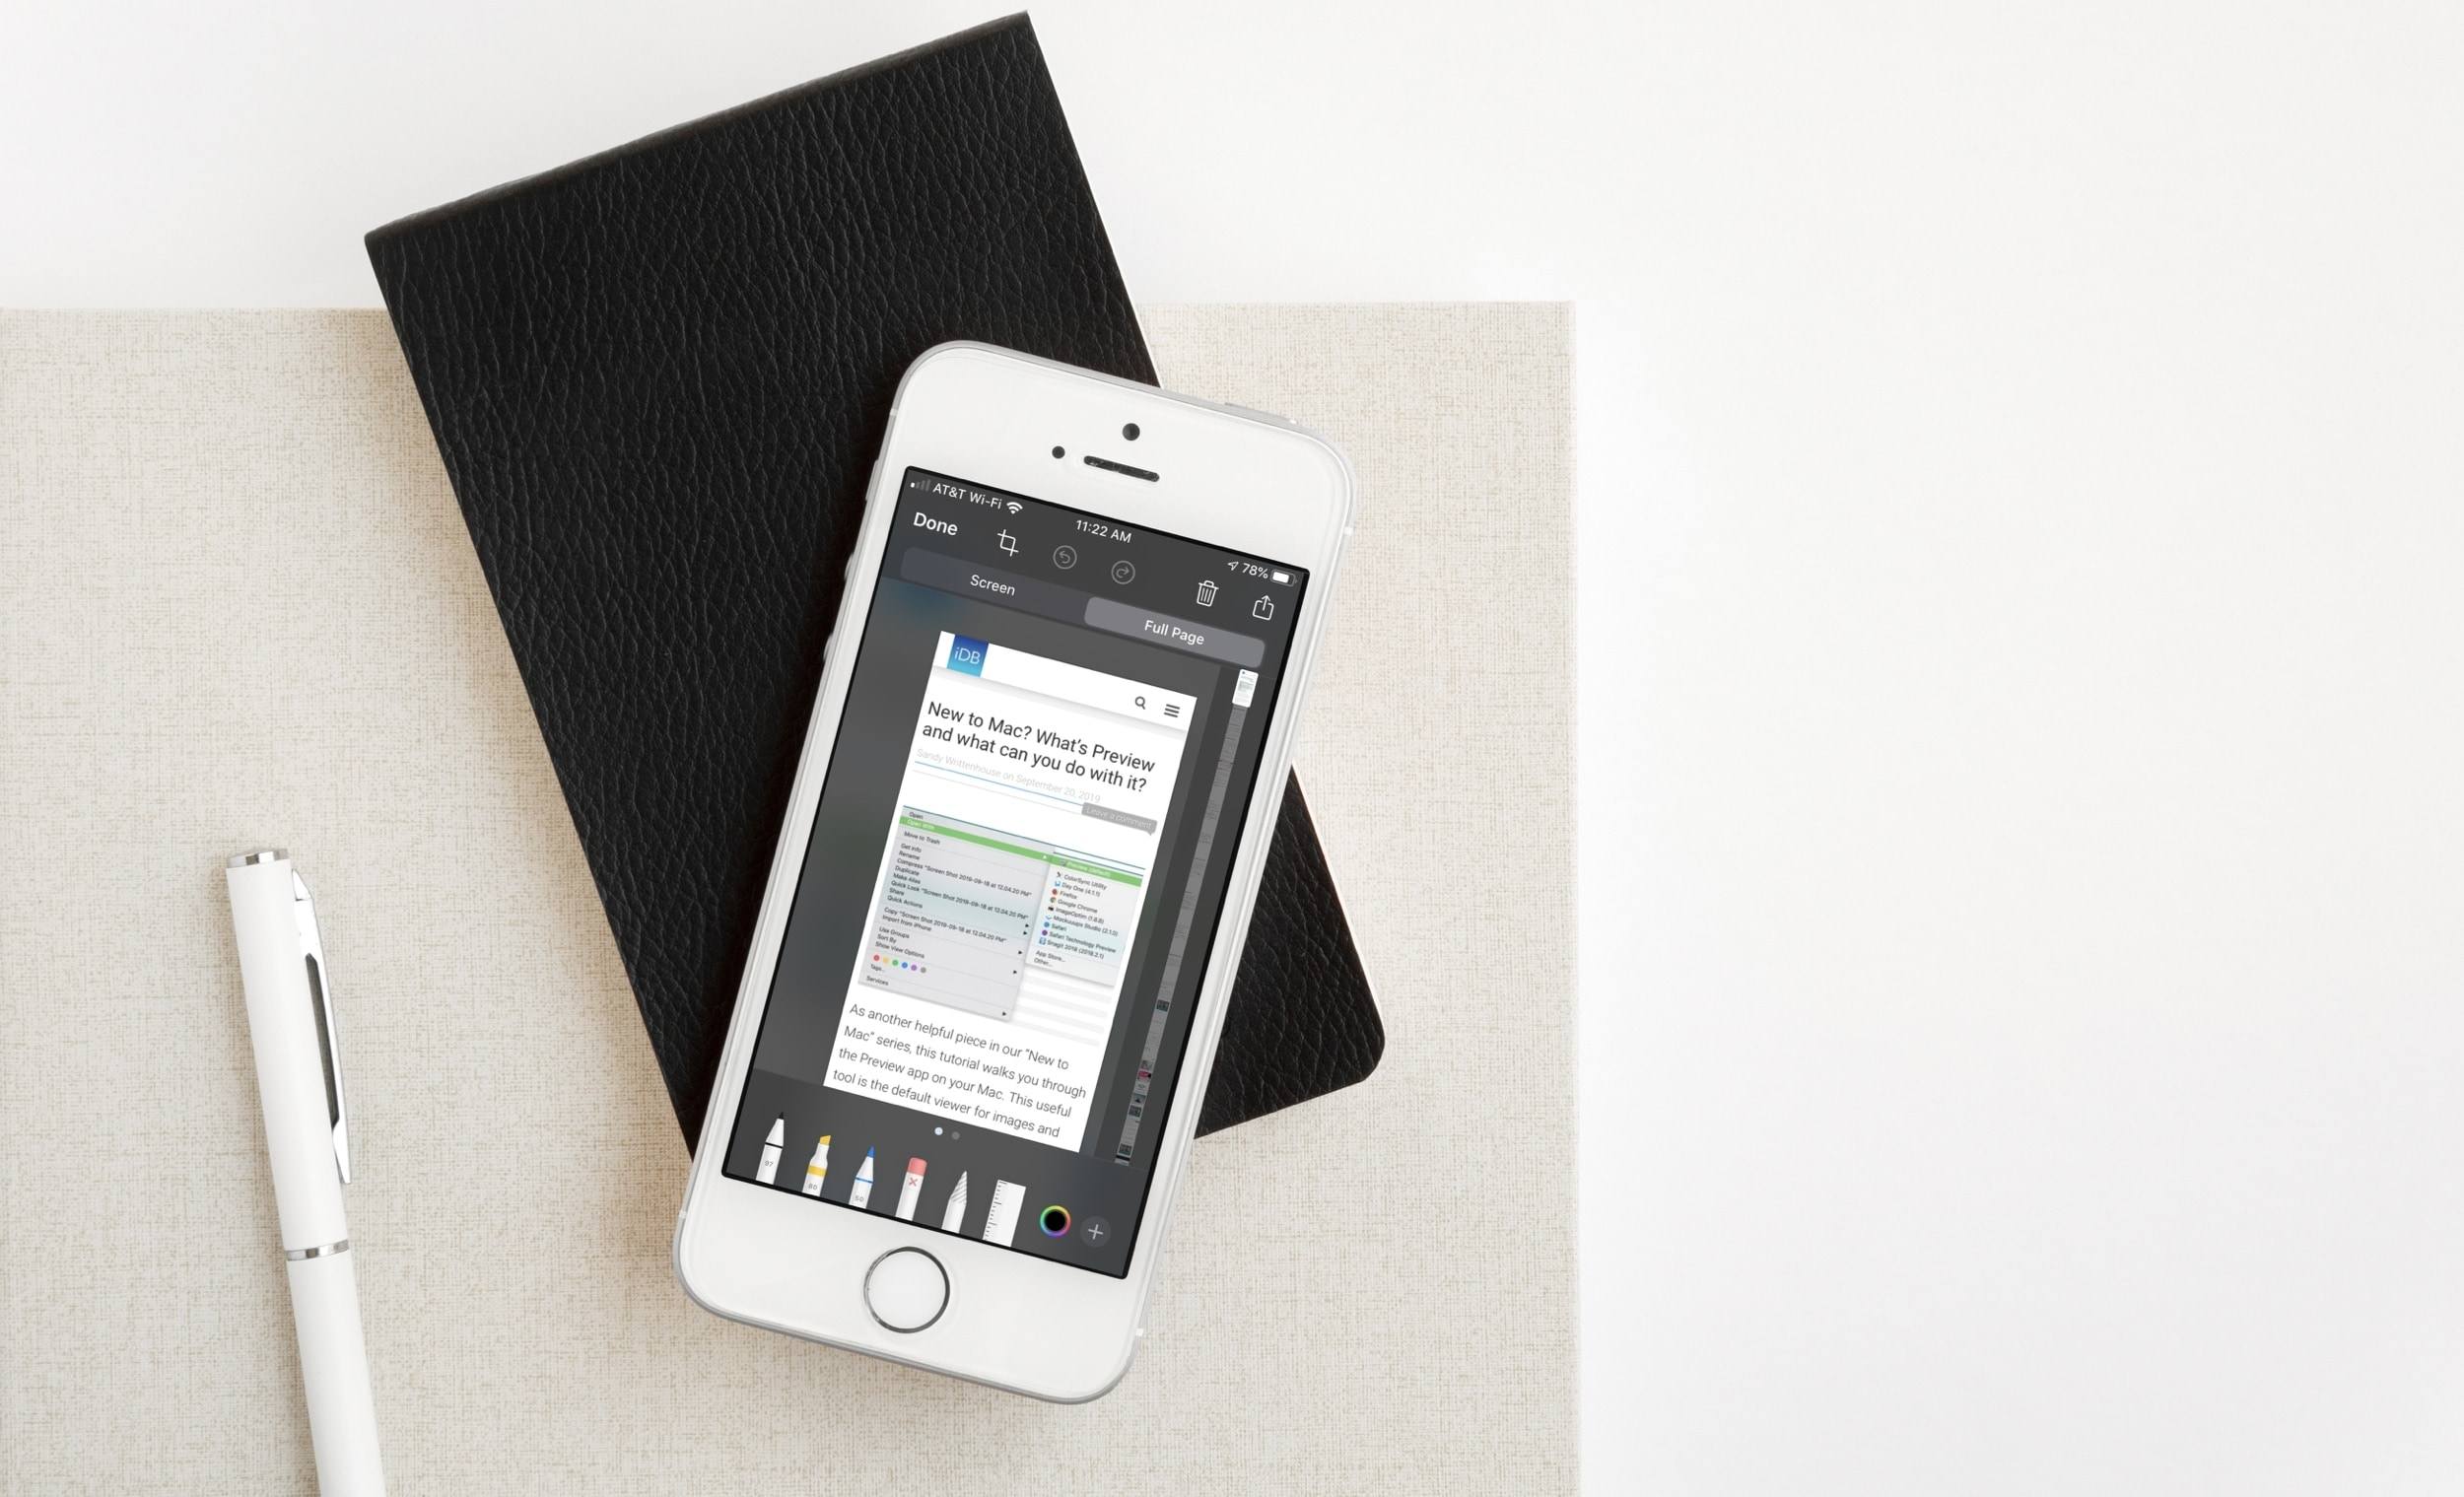 Safari Full Page in Markup iPhone